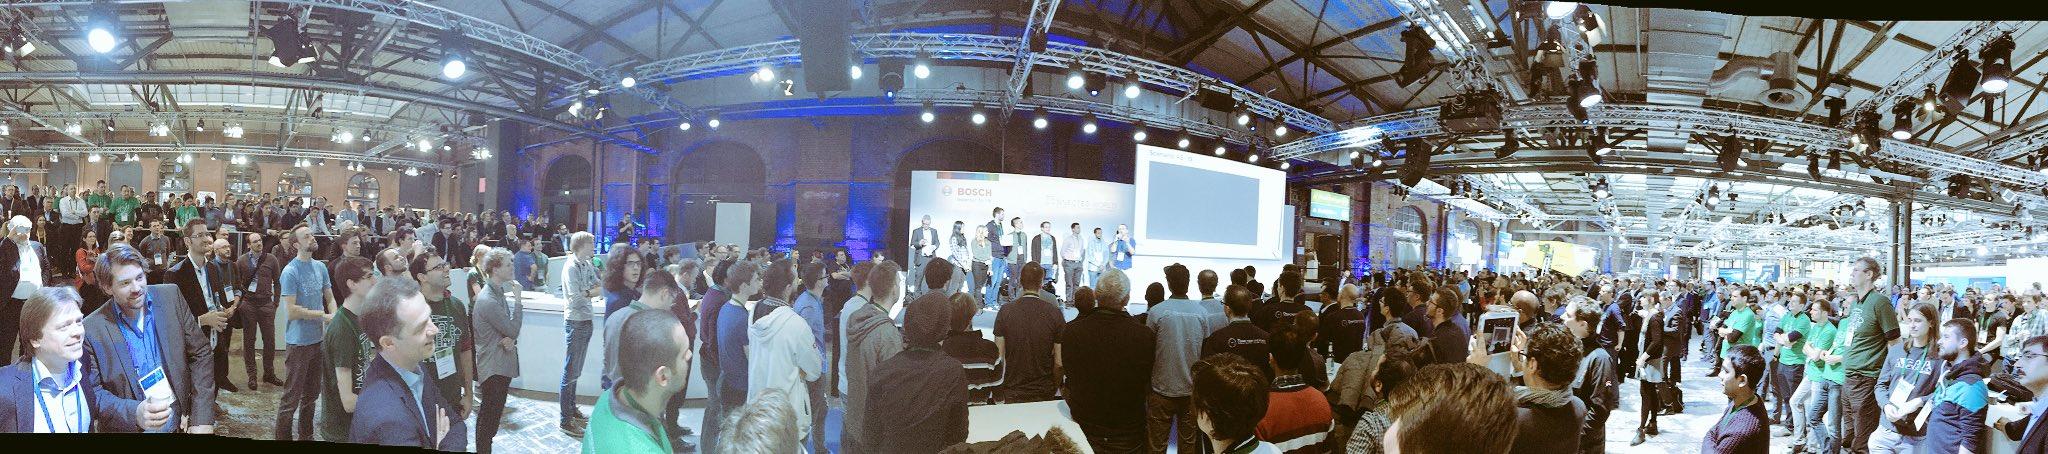 Big in #Berlin bei #Bosch auf der #BCX17 #BCW17 - es laufen die Schlusspitches des Hackathons. https://t.co/ocMgPluZcR